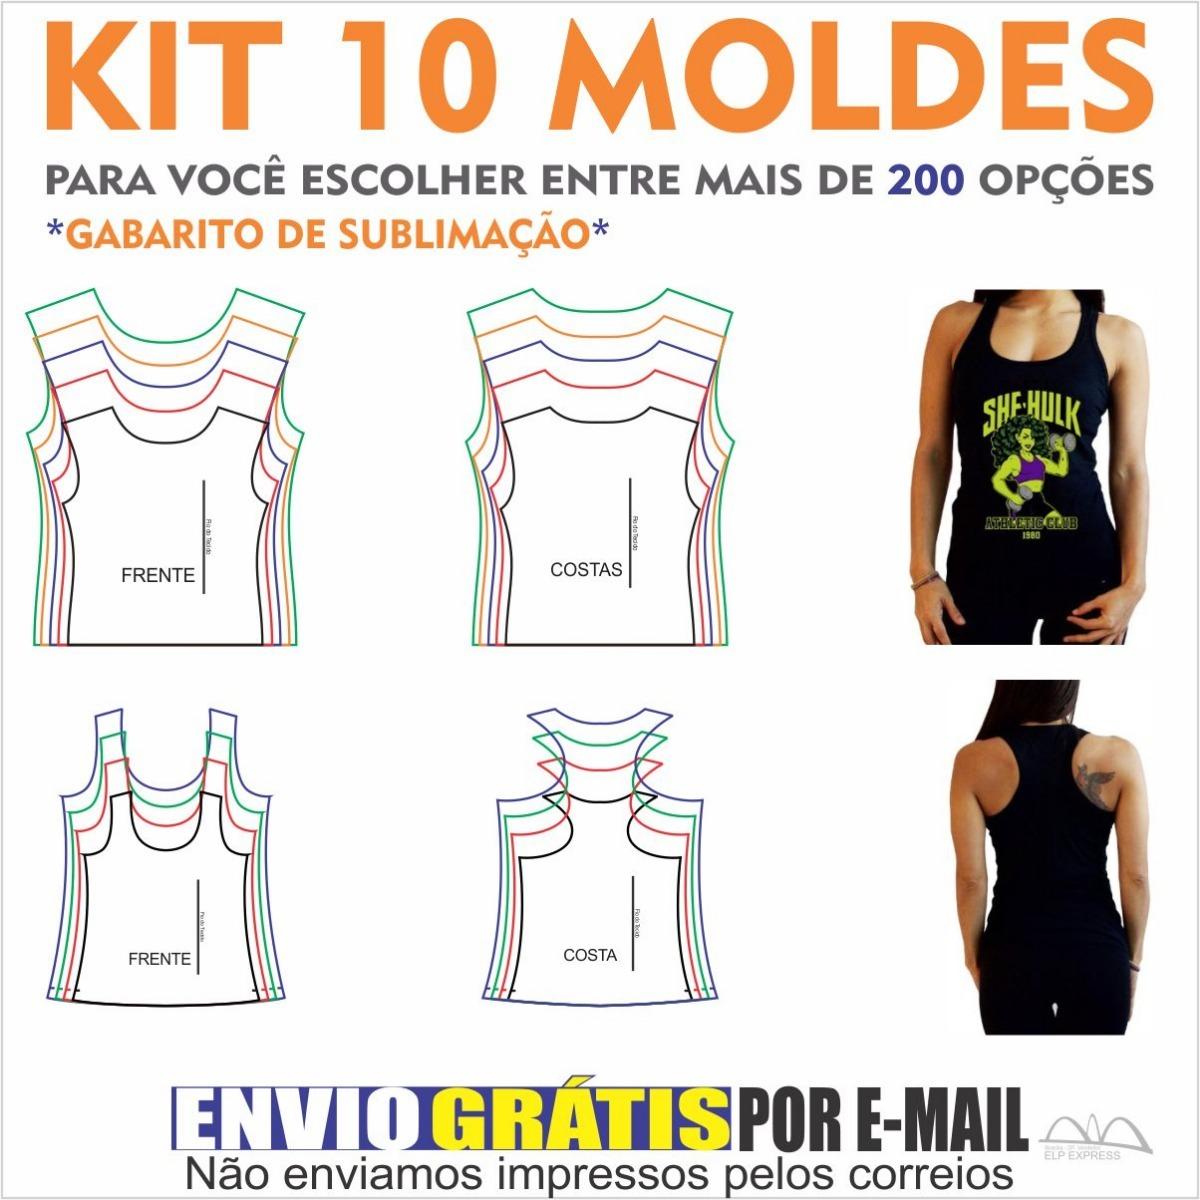 57aef588a4 Kit 10 Moldes De Roupas A Sua Escolha. Camisas